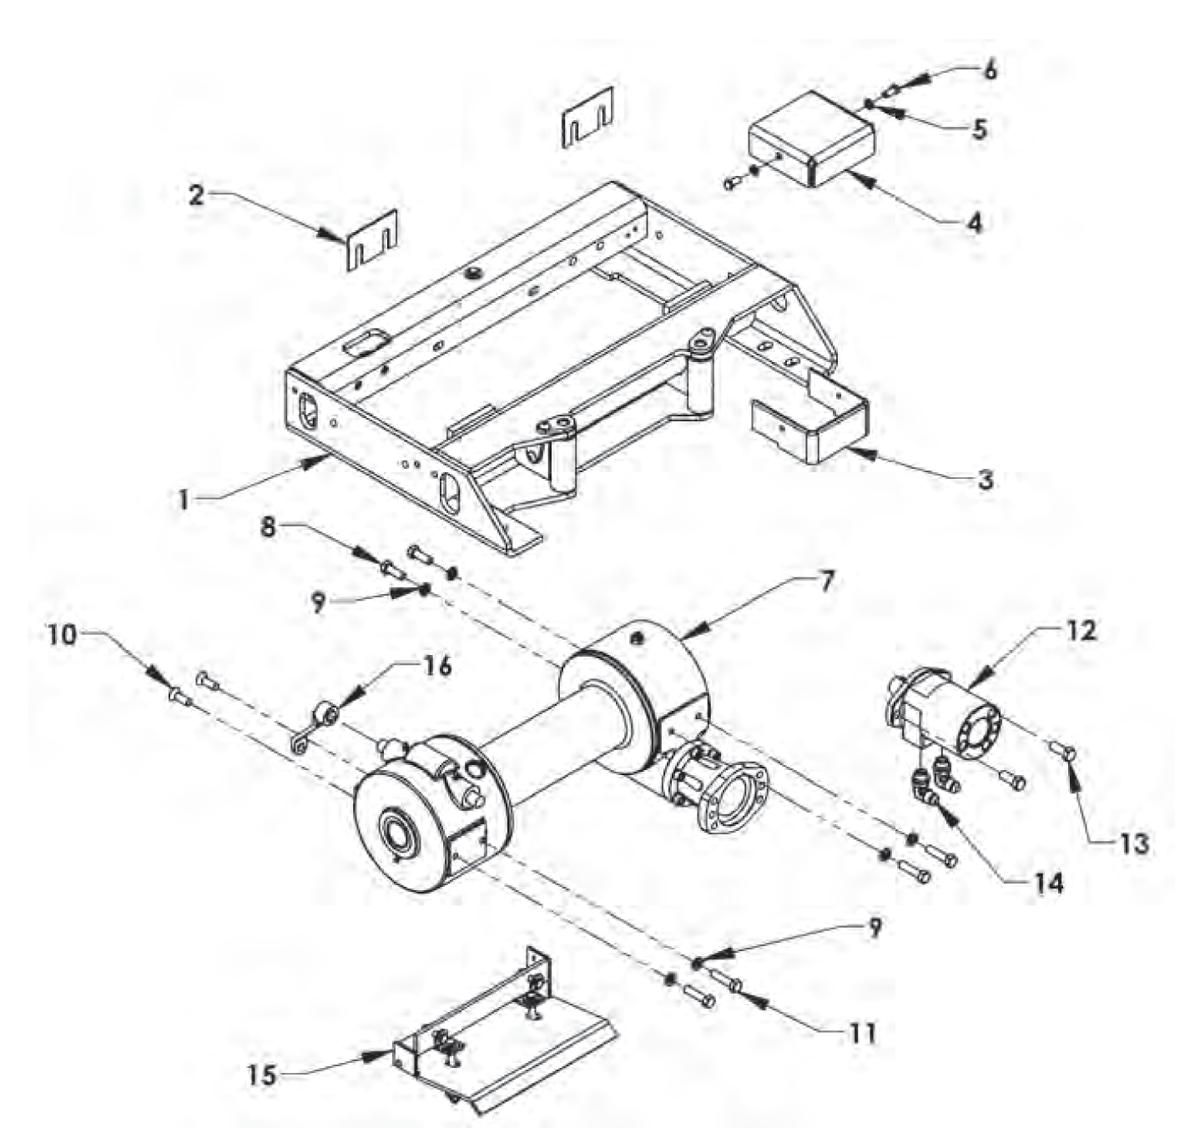 Ramsey Winch Diagrams 400 Custom Wiring Diagram 8000 House Symbols U2022 Rh Maxturner Co Hydraulic Schematic Parts